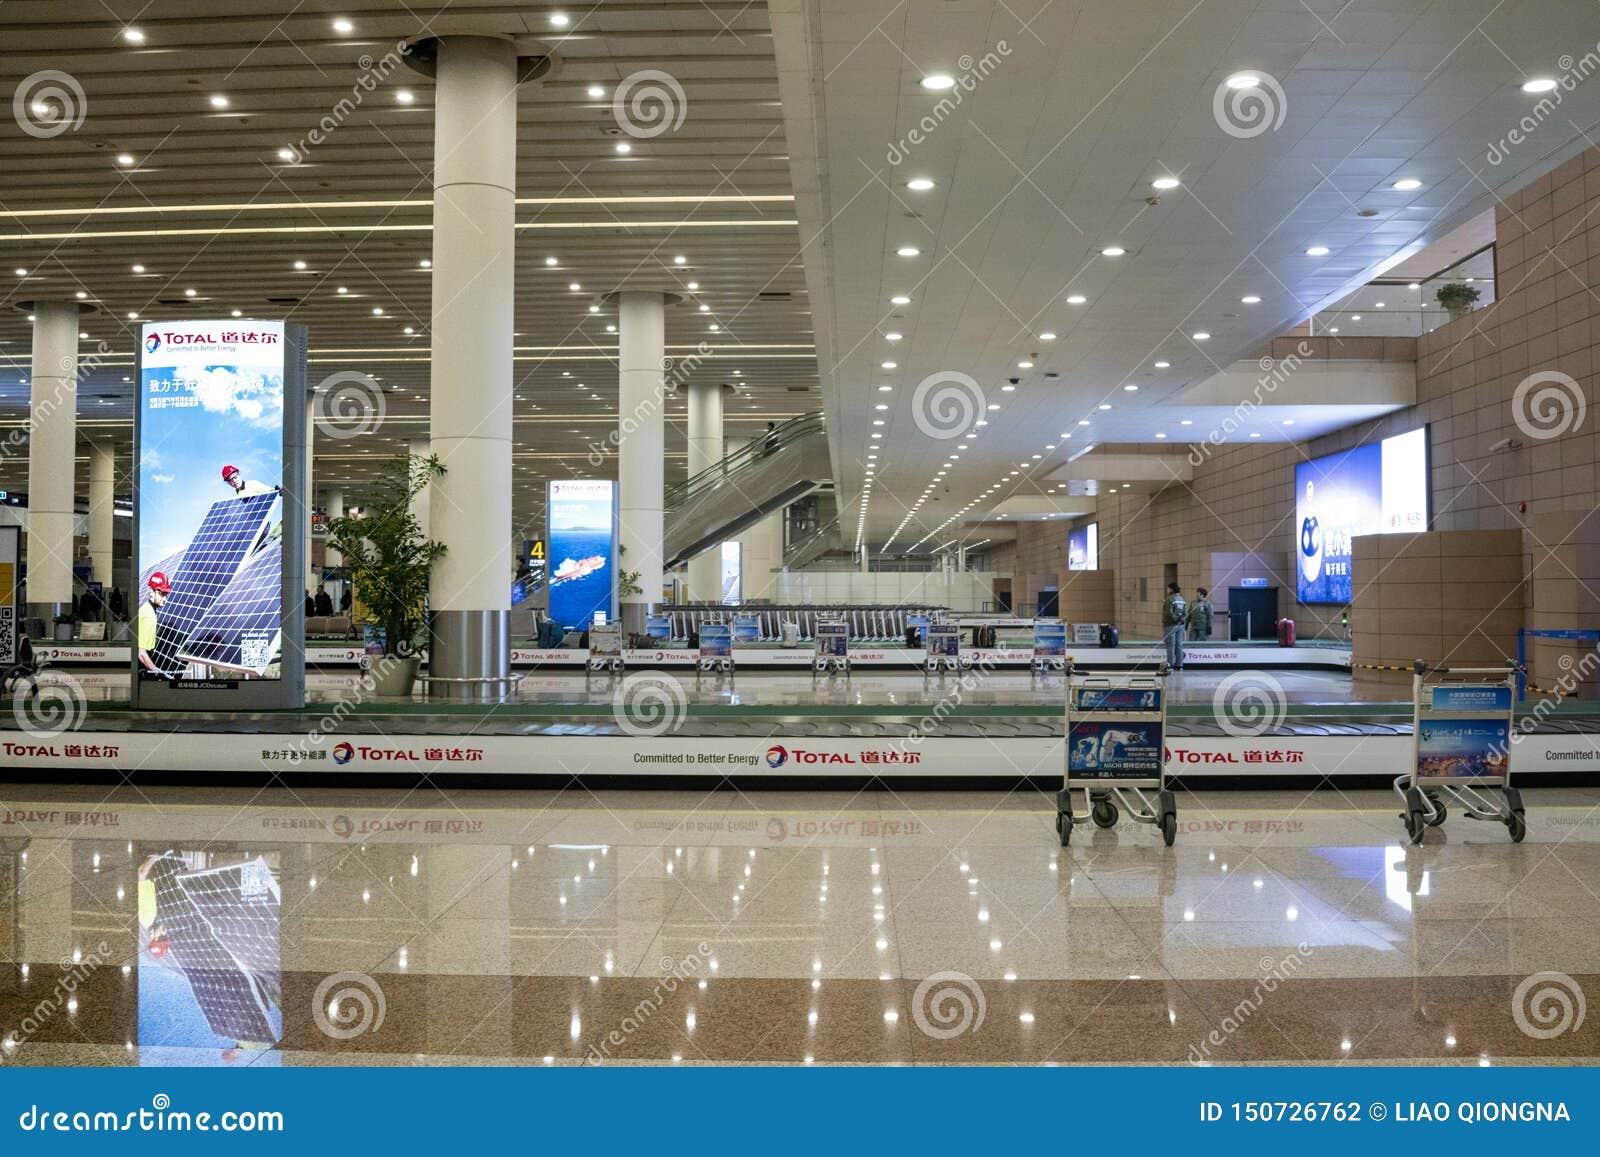 Транспортеры в аэропортах чехлы для транспортера